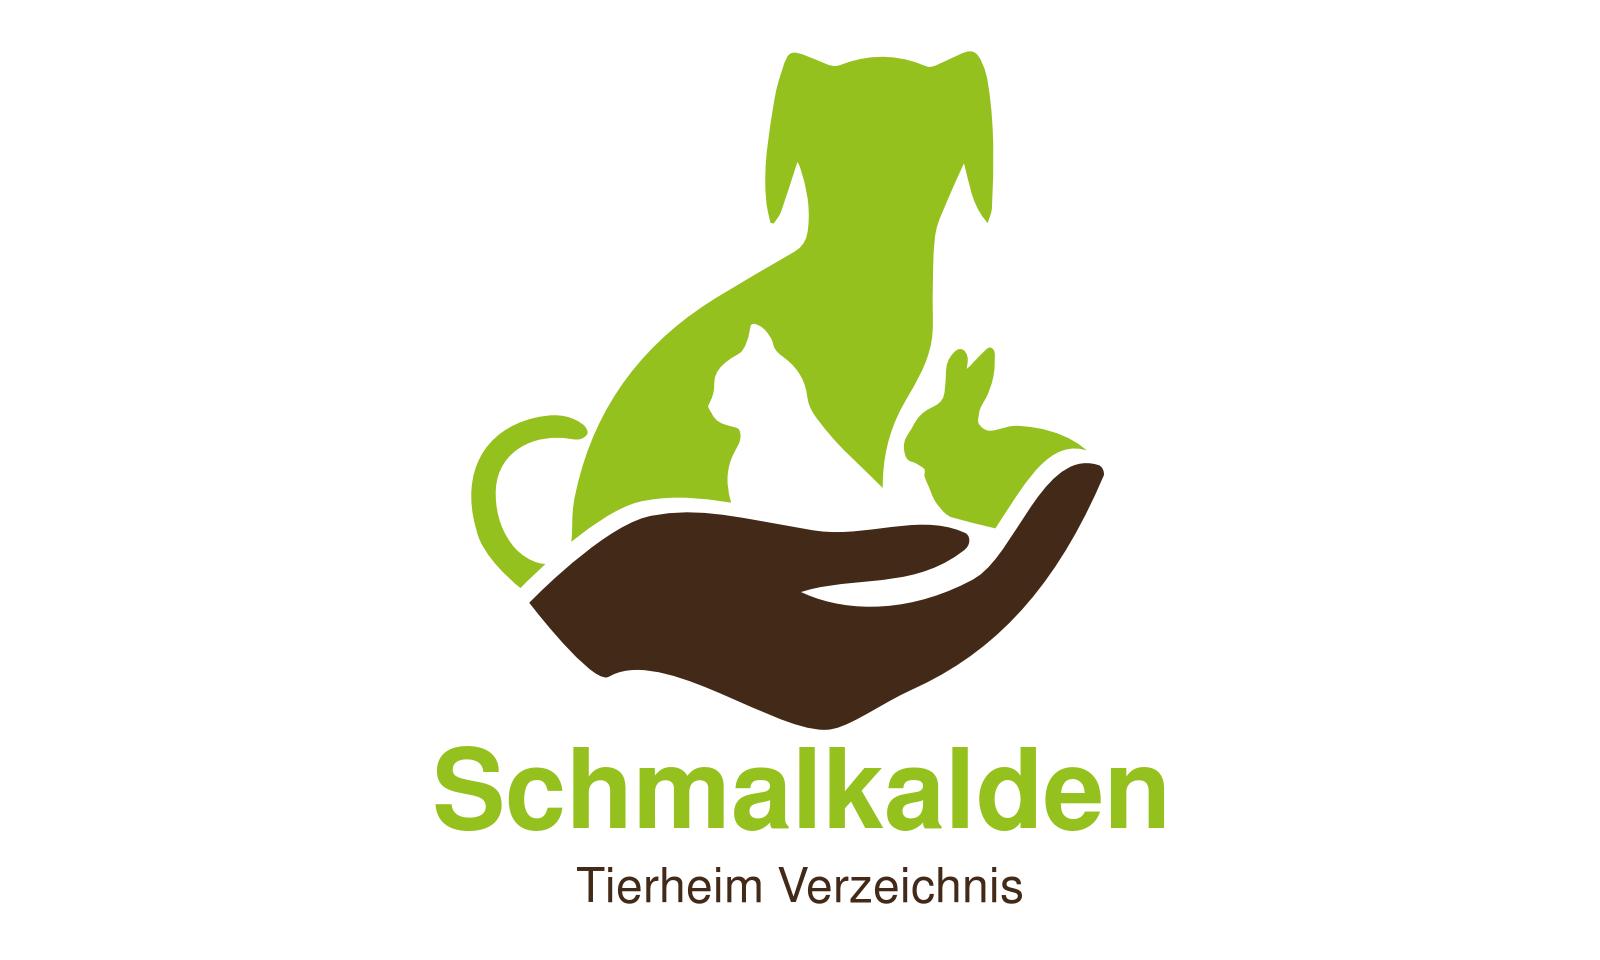 Tierheim Schmalkalden